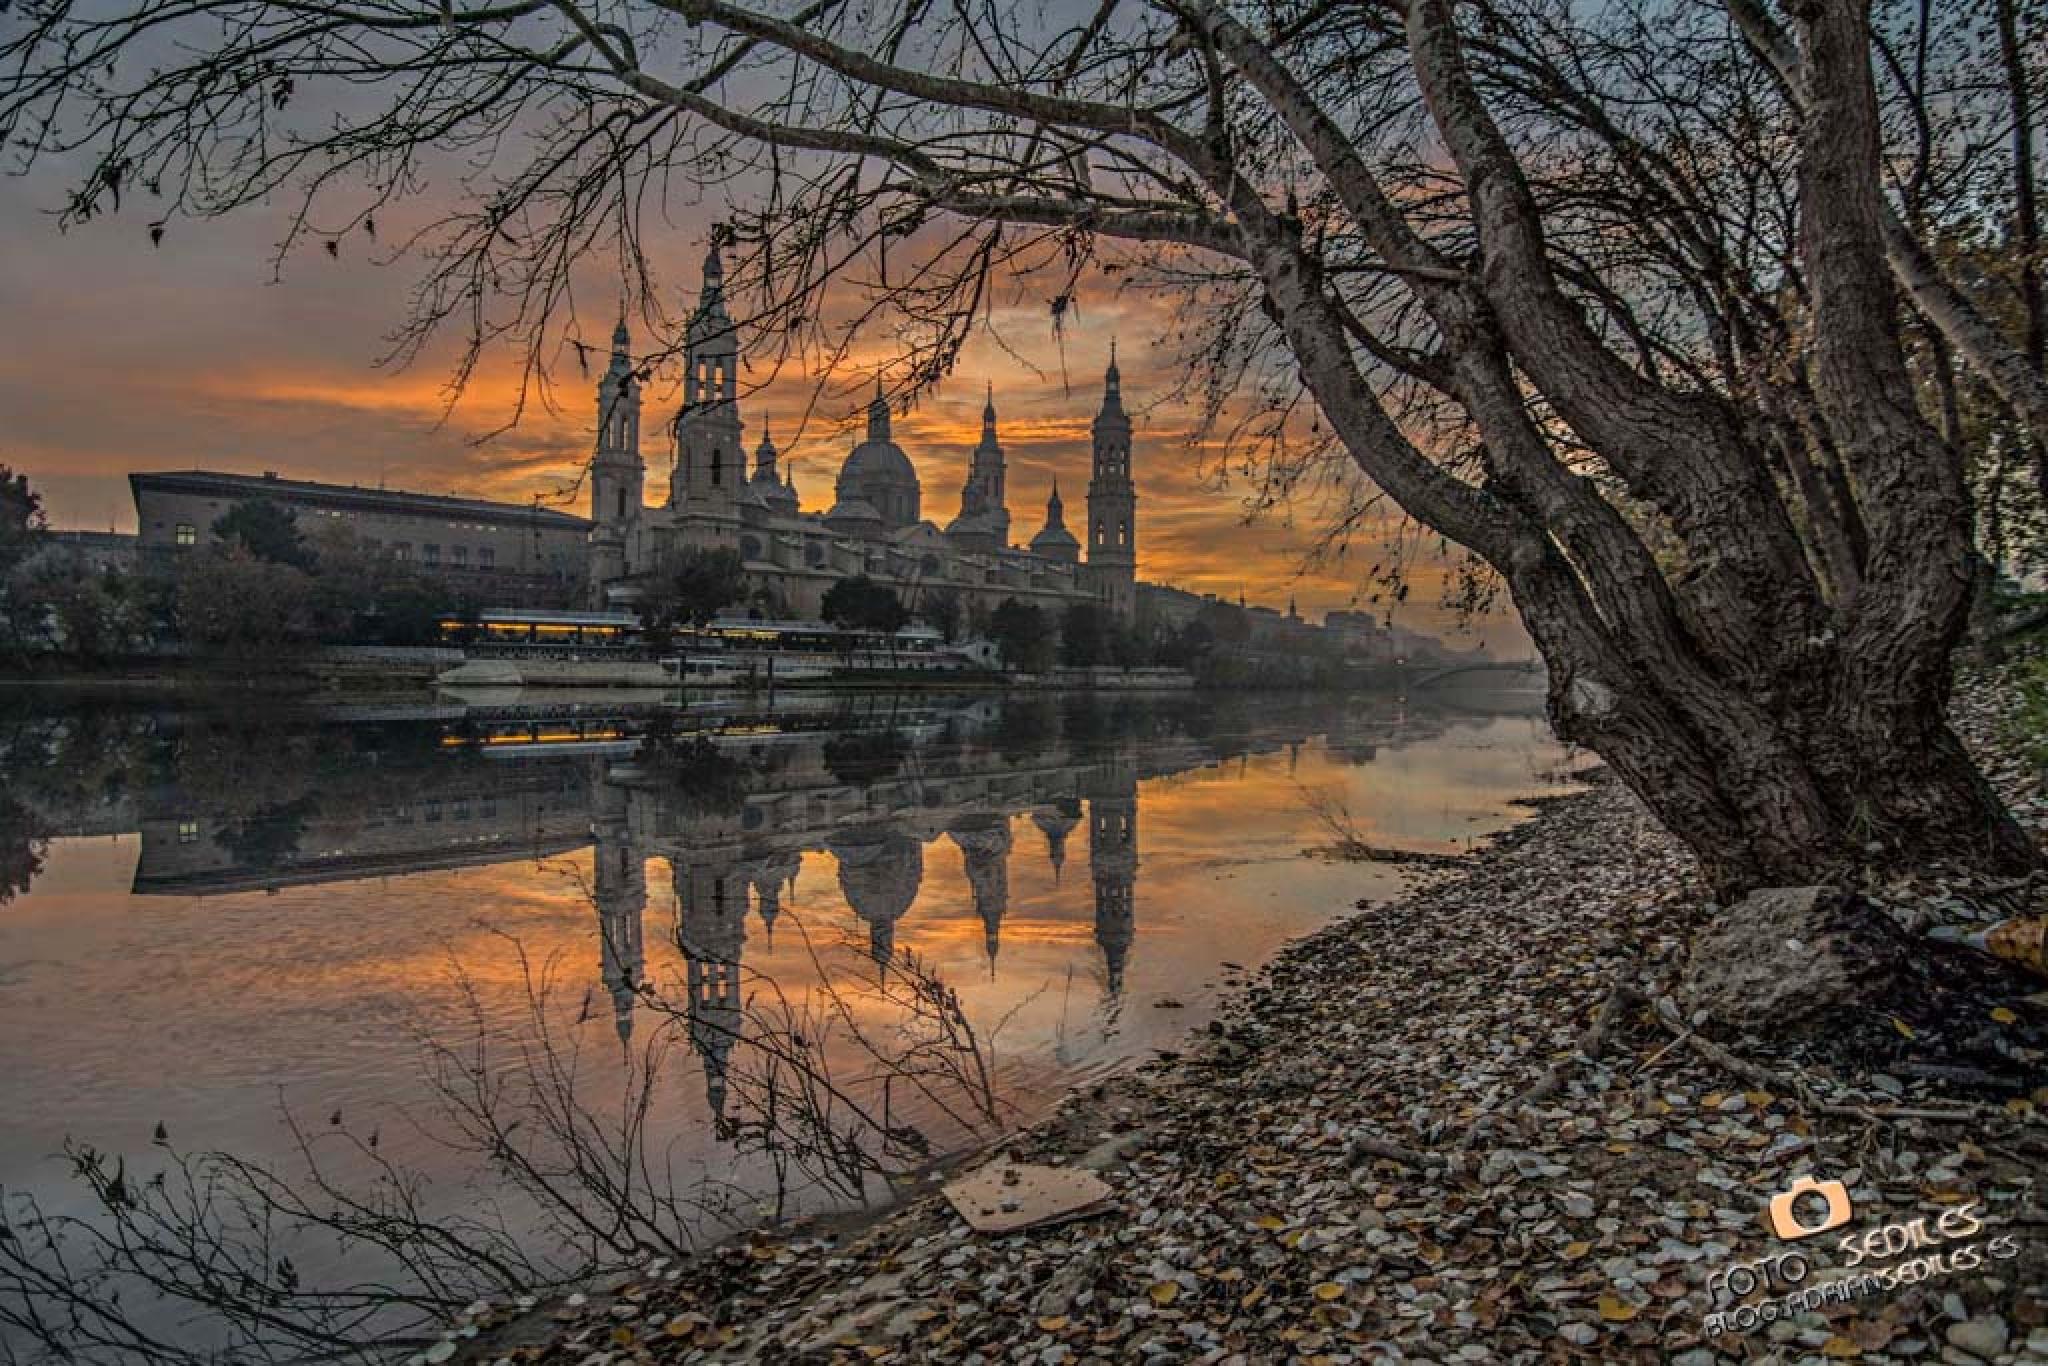 Atardecer invierno en Zaragoza - Adrian Sediles Embi by adriansediles7